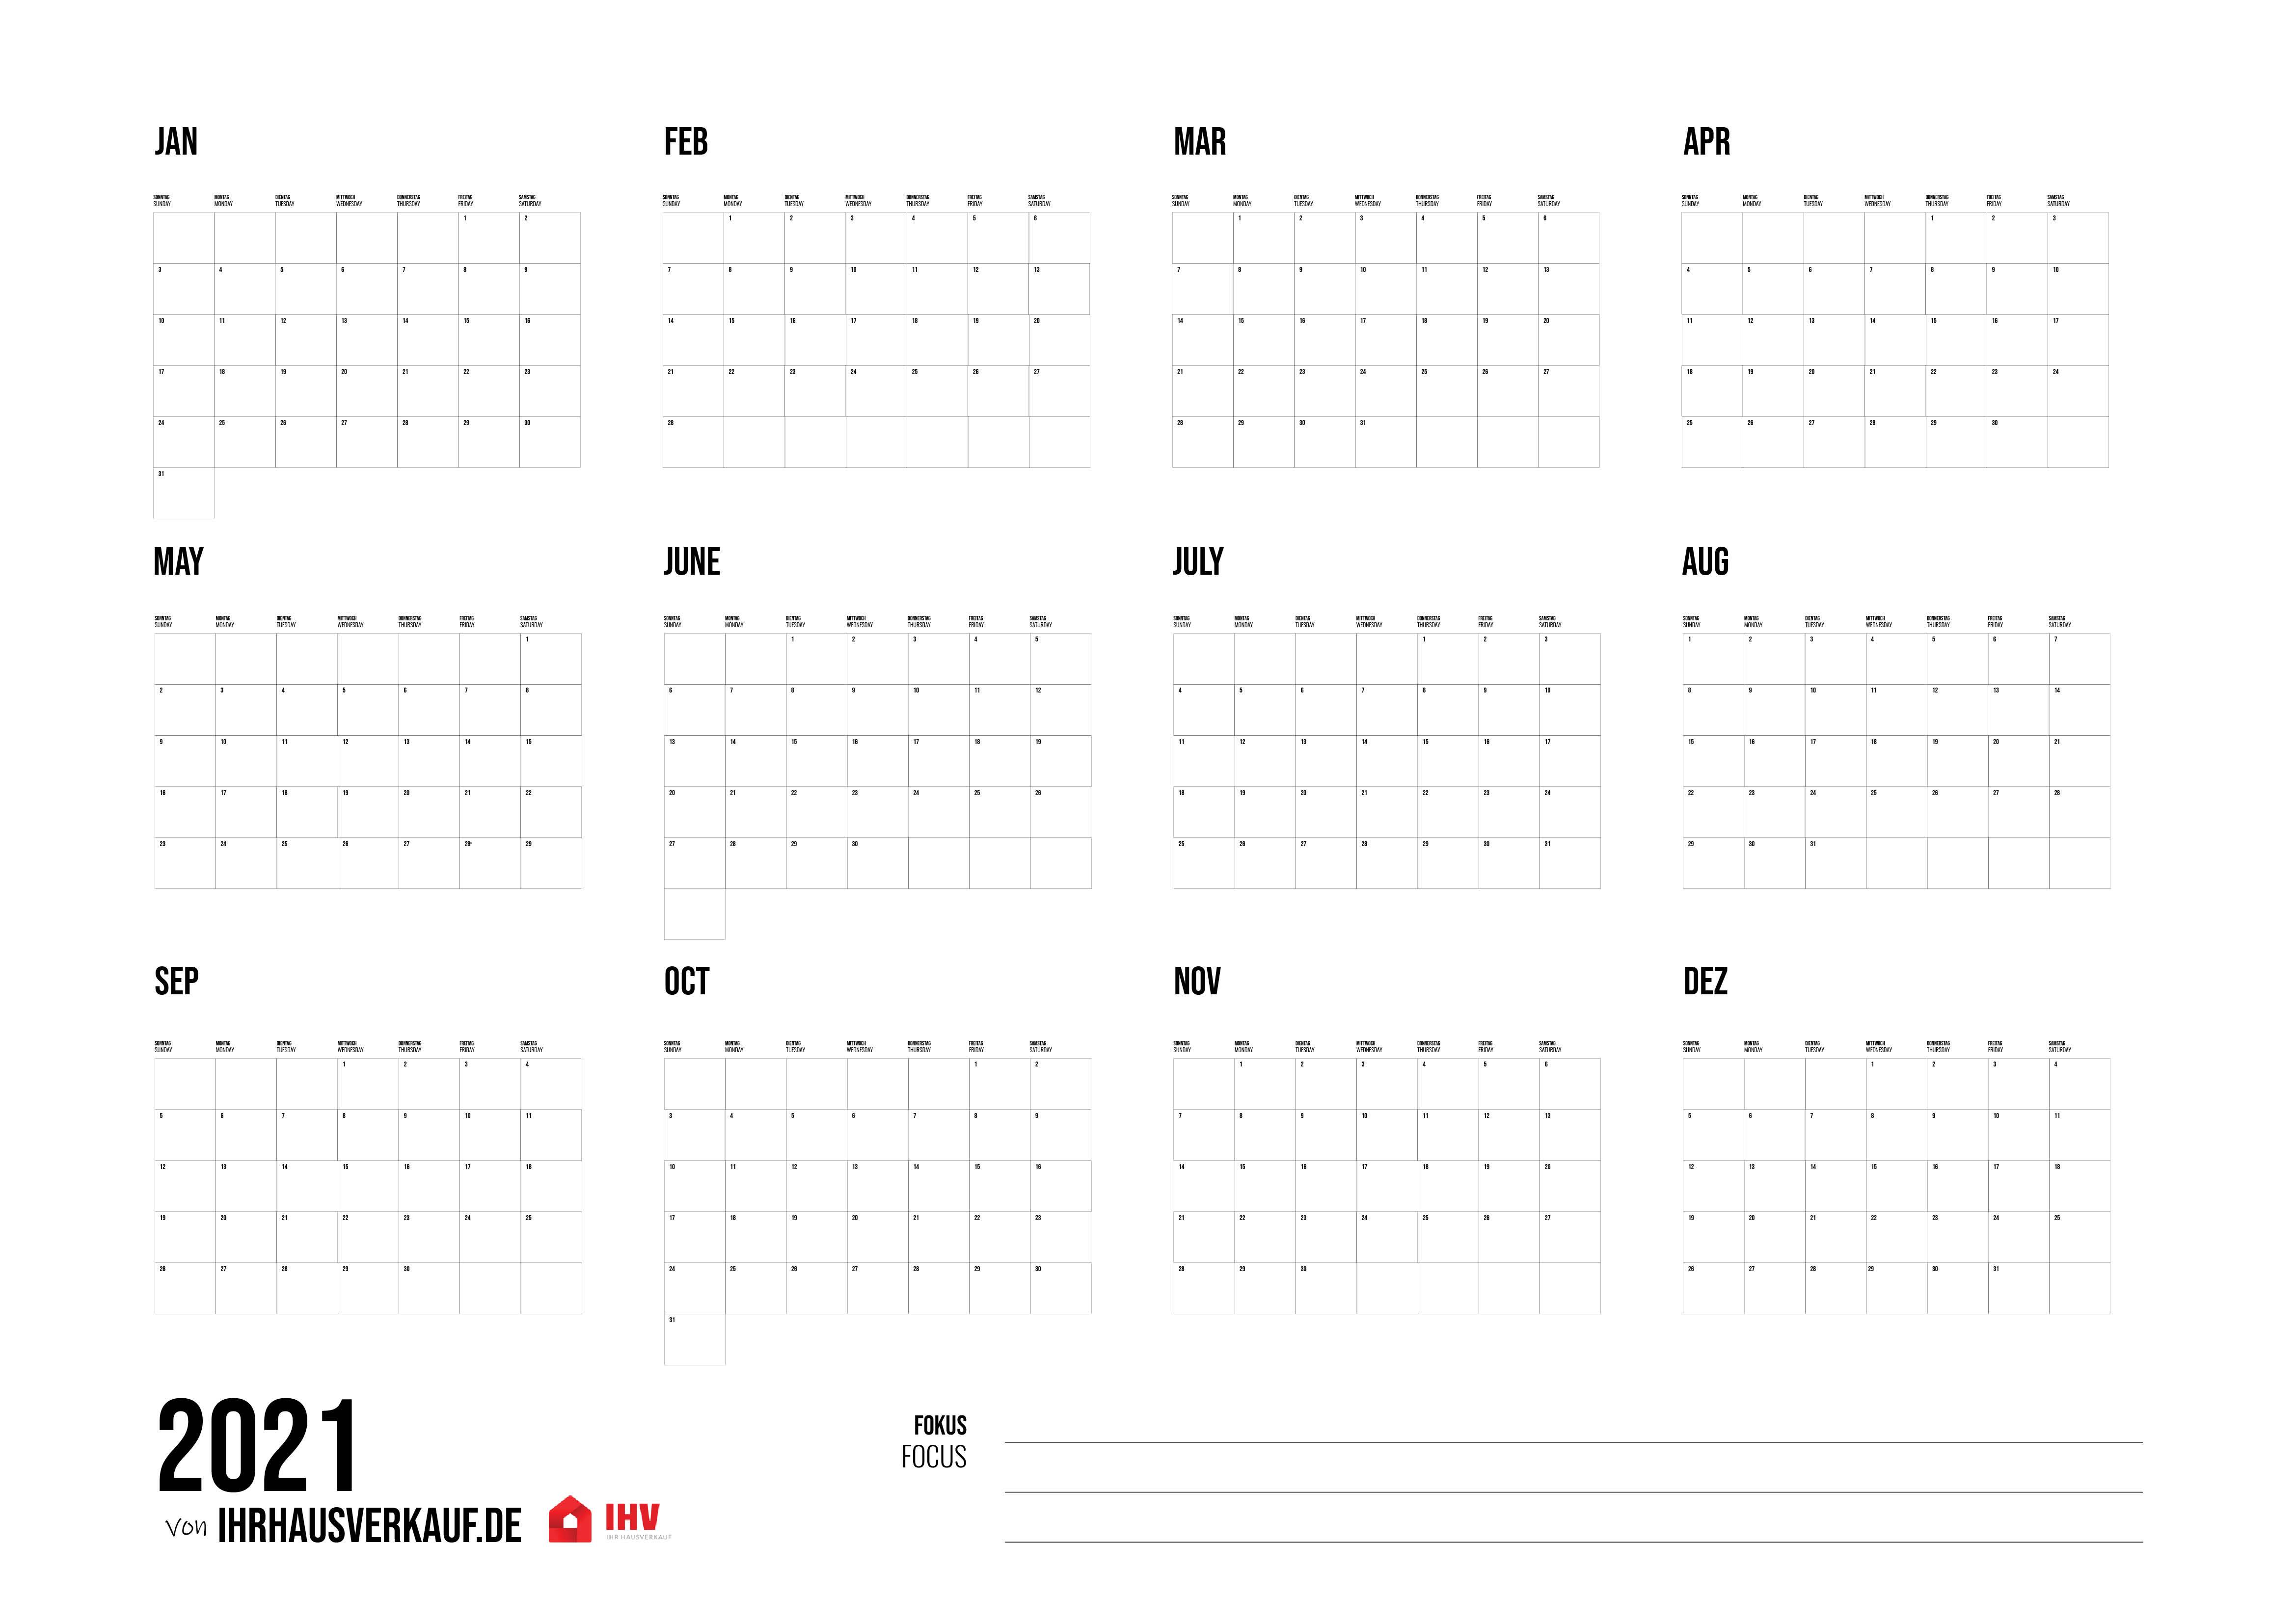 Kalender 2021 Zum Ausdrucken Alle Monate Und Wochen Als Pdf 12 1 Vorlage Kostenlos Lukinski Immobilien